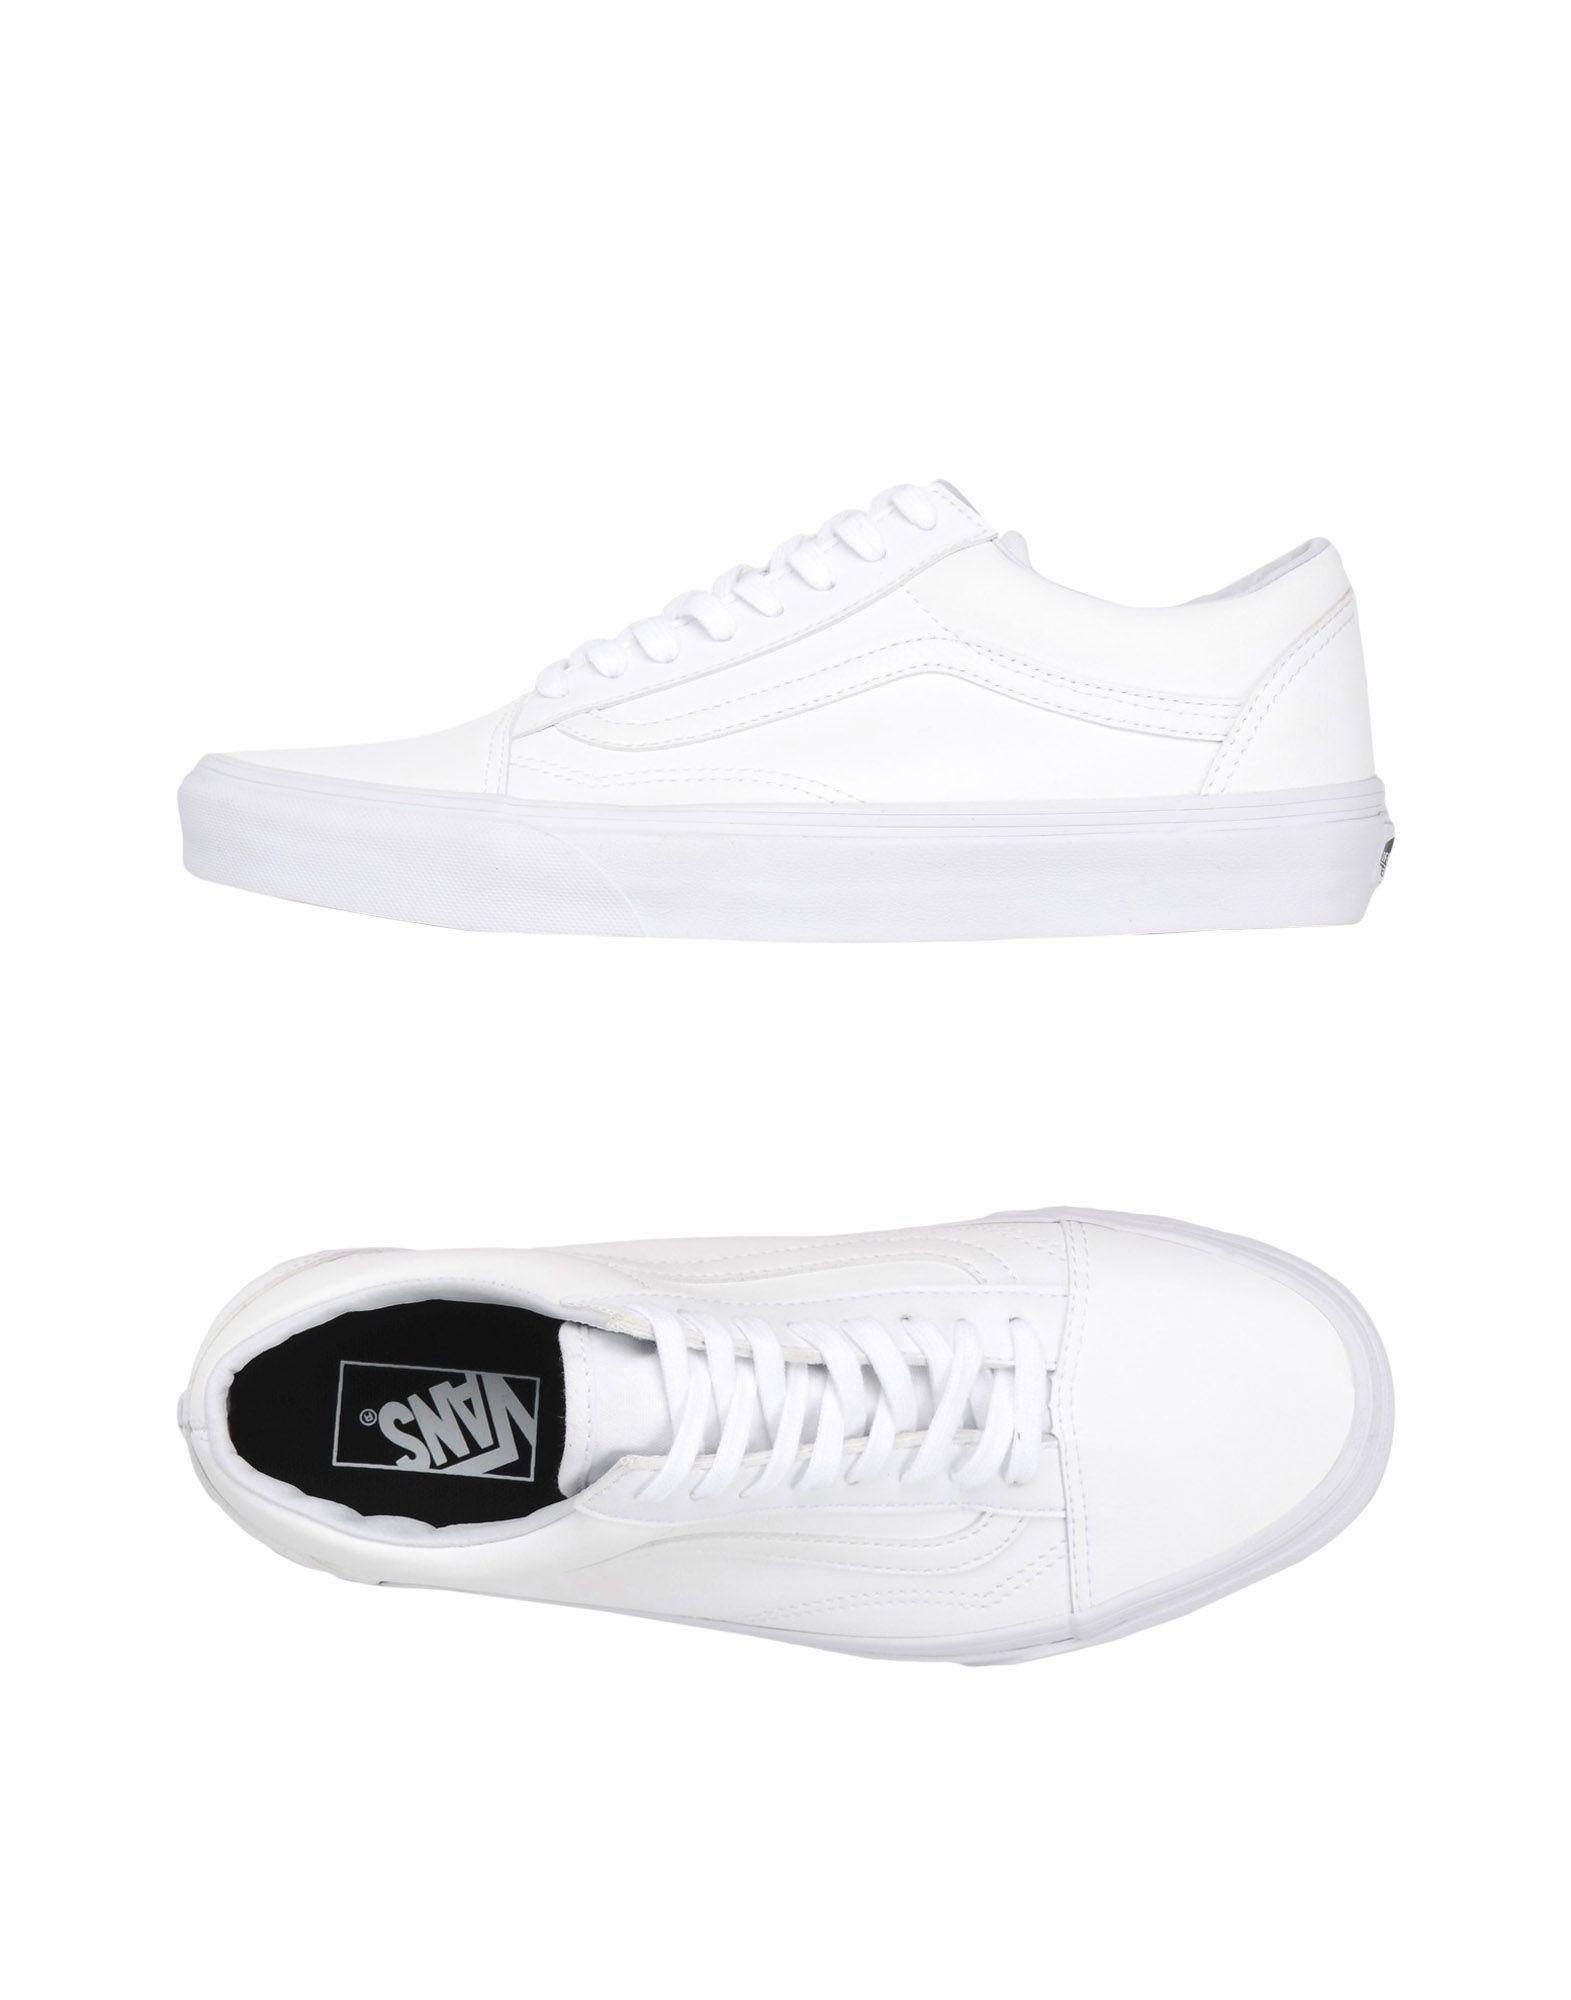 Sneakers Vans Ua Old Skool - Homme - Sneakers Vans sur